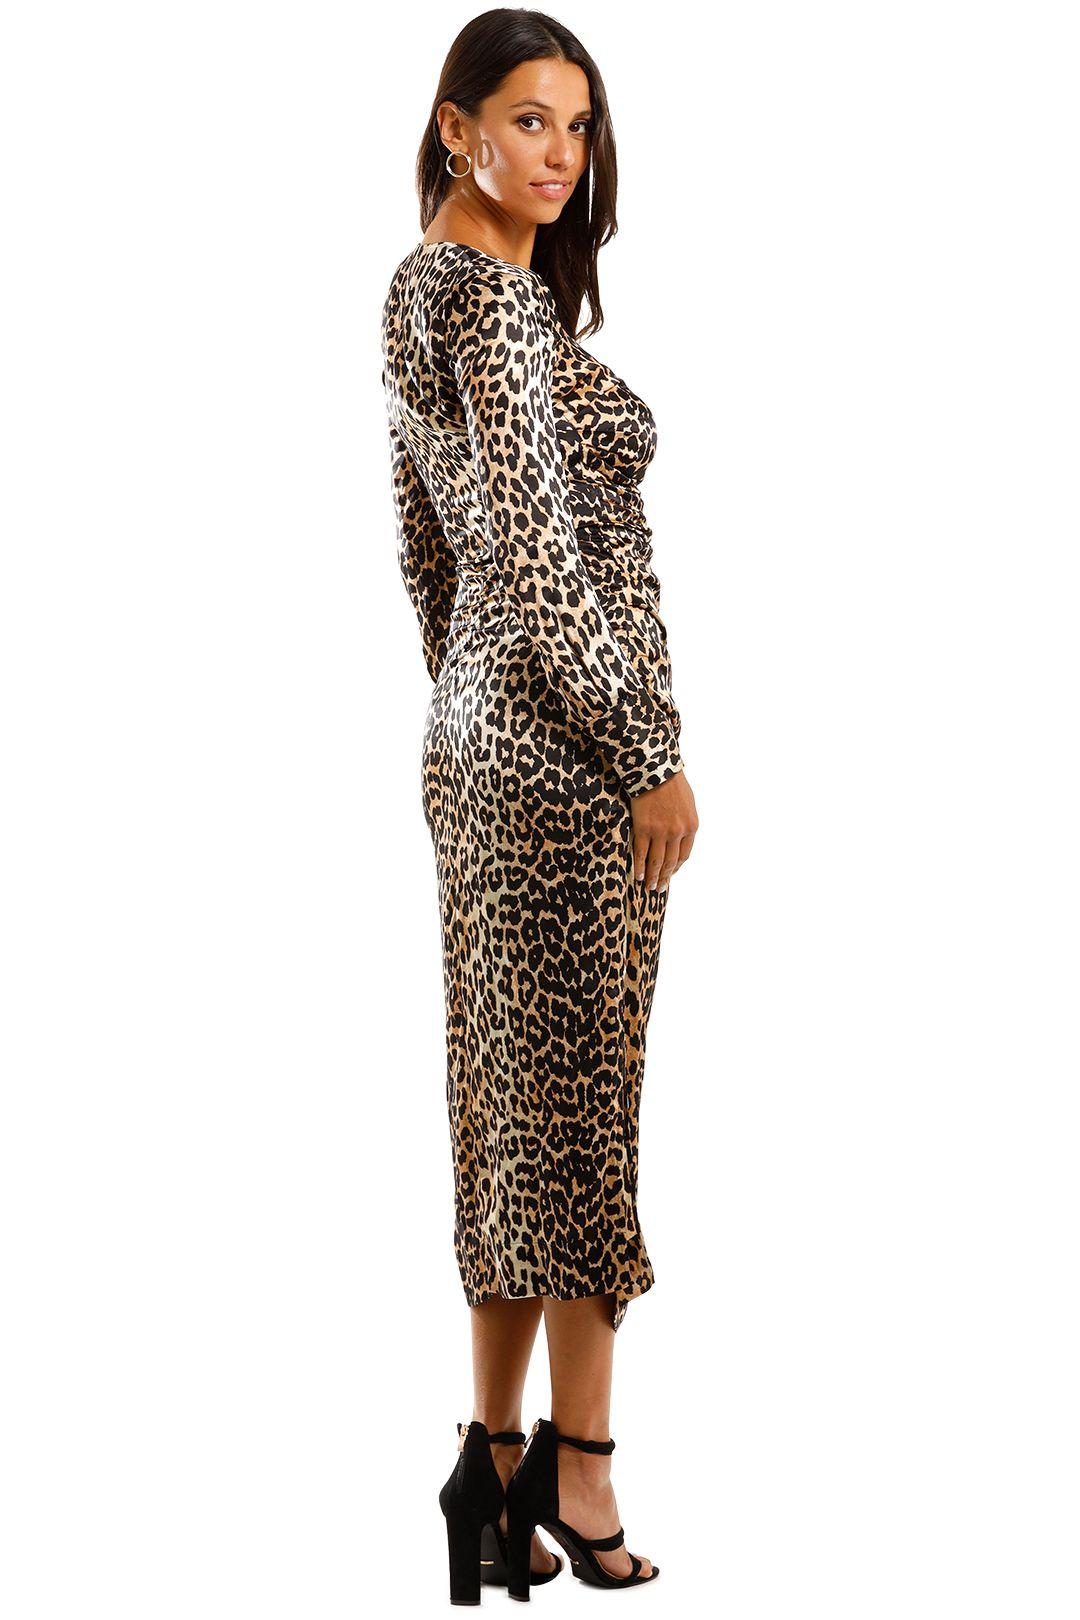 Ganni Silk Satin LS Dress Leopard Midi Ruched